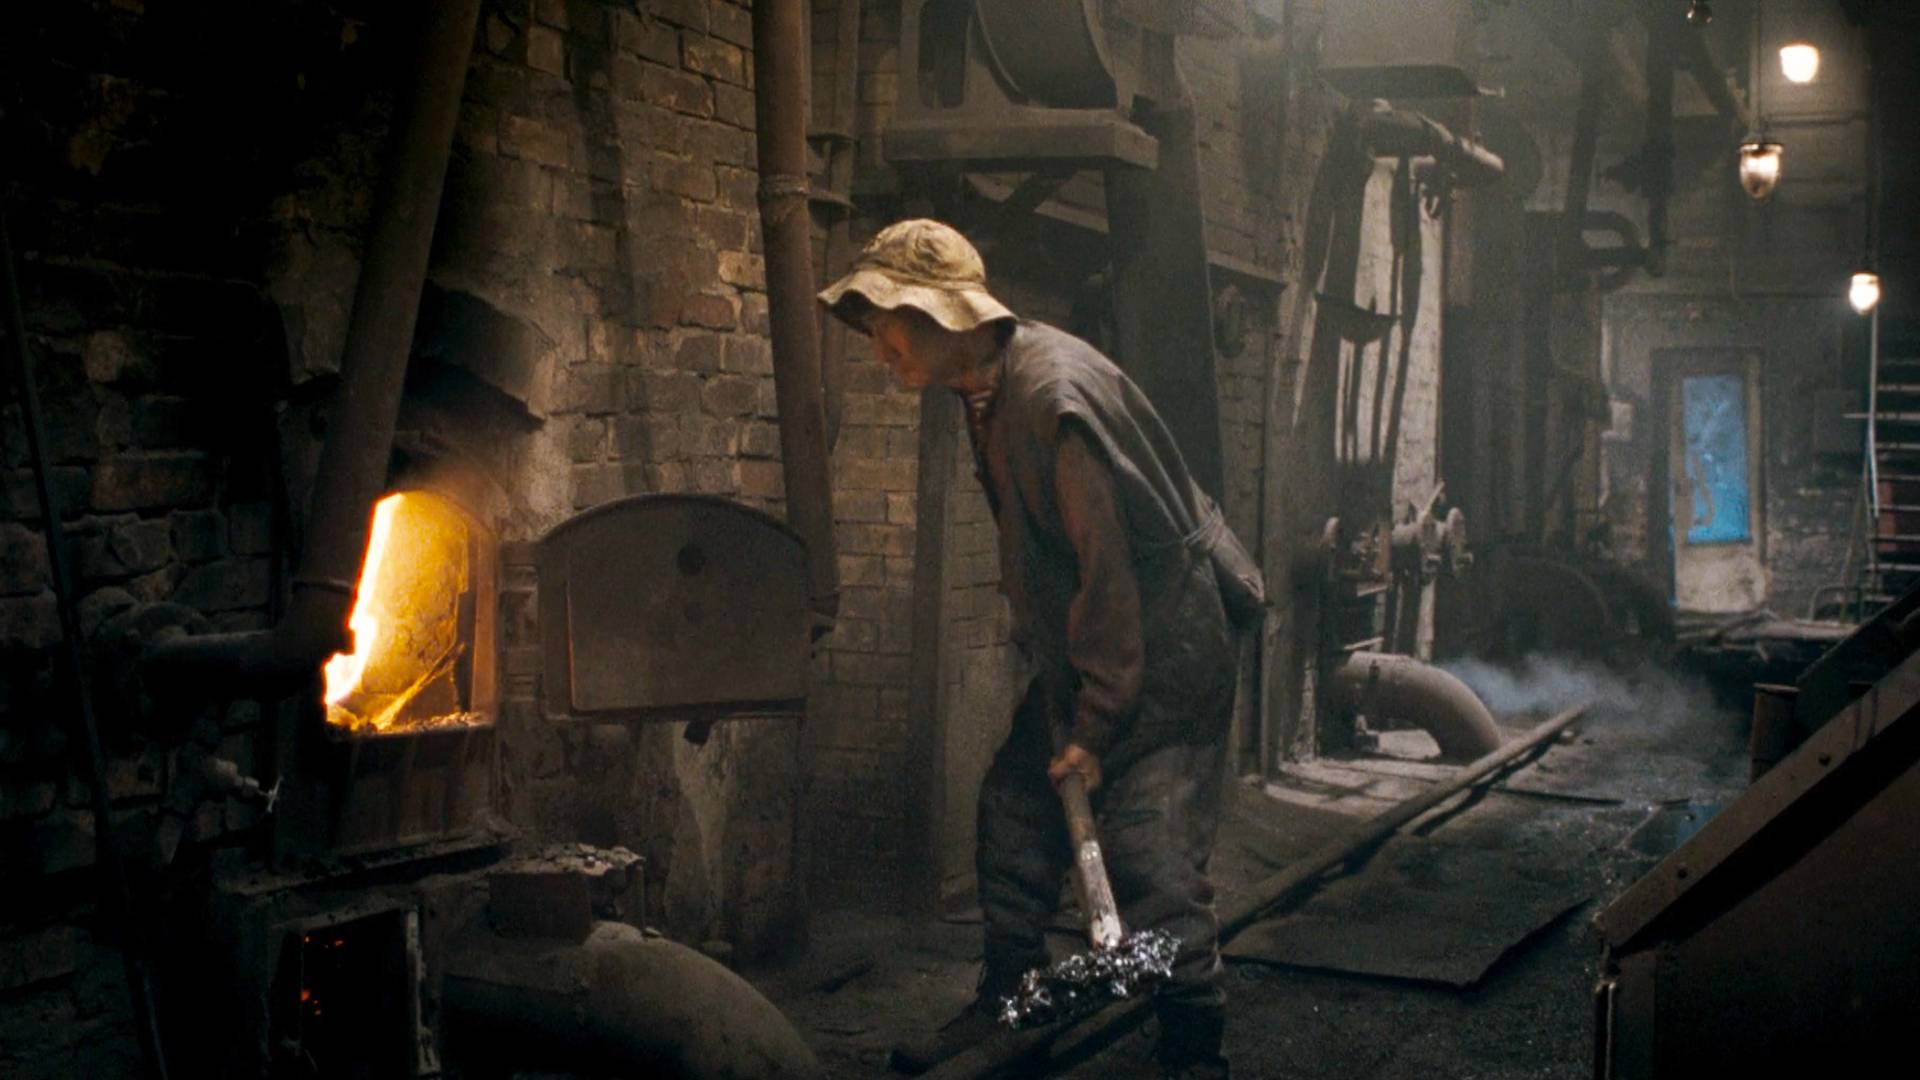 脏乱不堪的锅炉房,总有大人物来,原来这才是最阴暗的角落